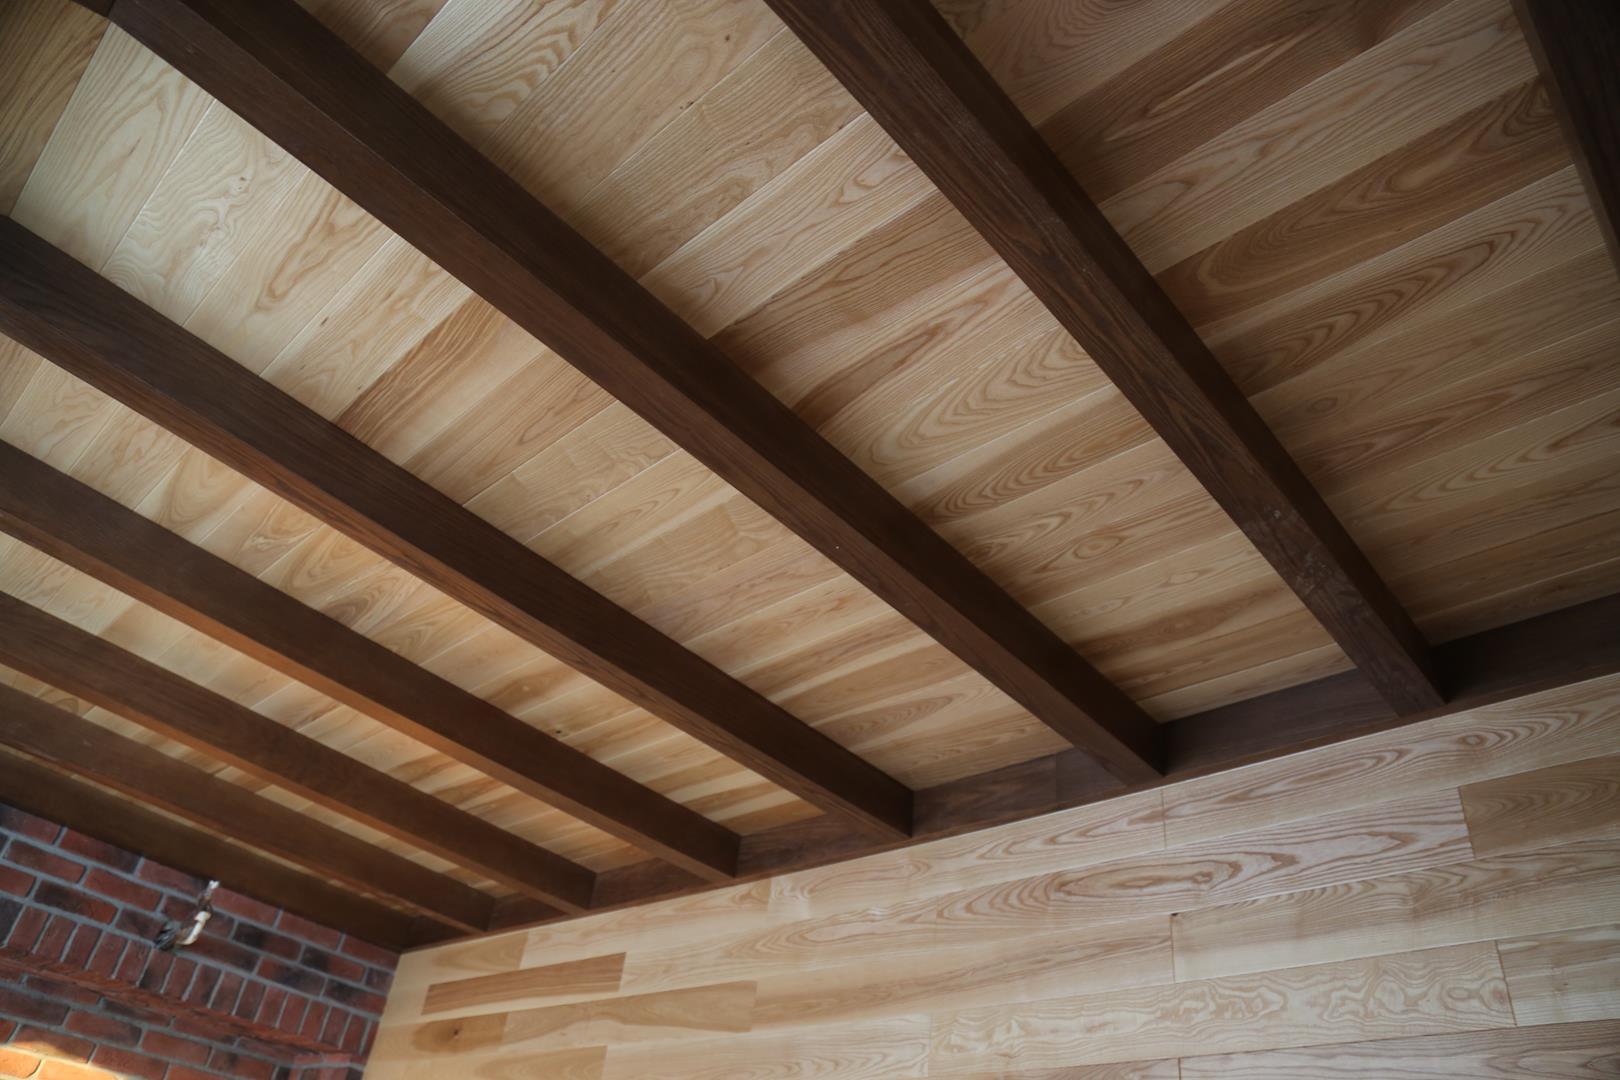 Подшивка потолка гипсокартоном по деревянным балкам: монтаж обрешетки и как крепить